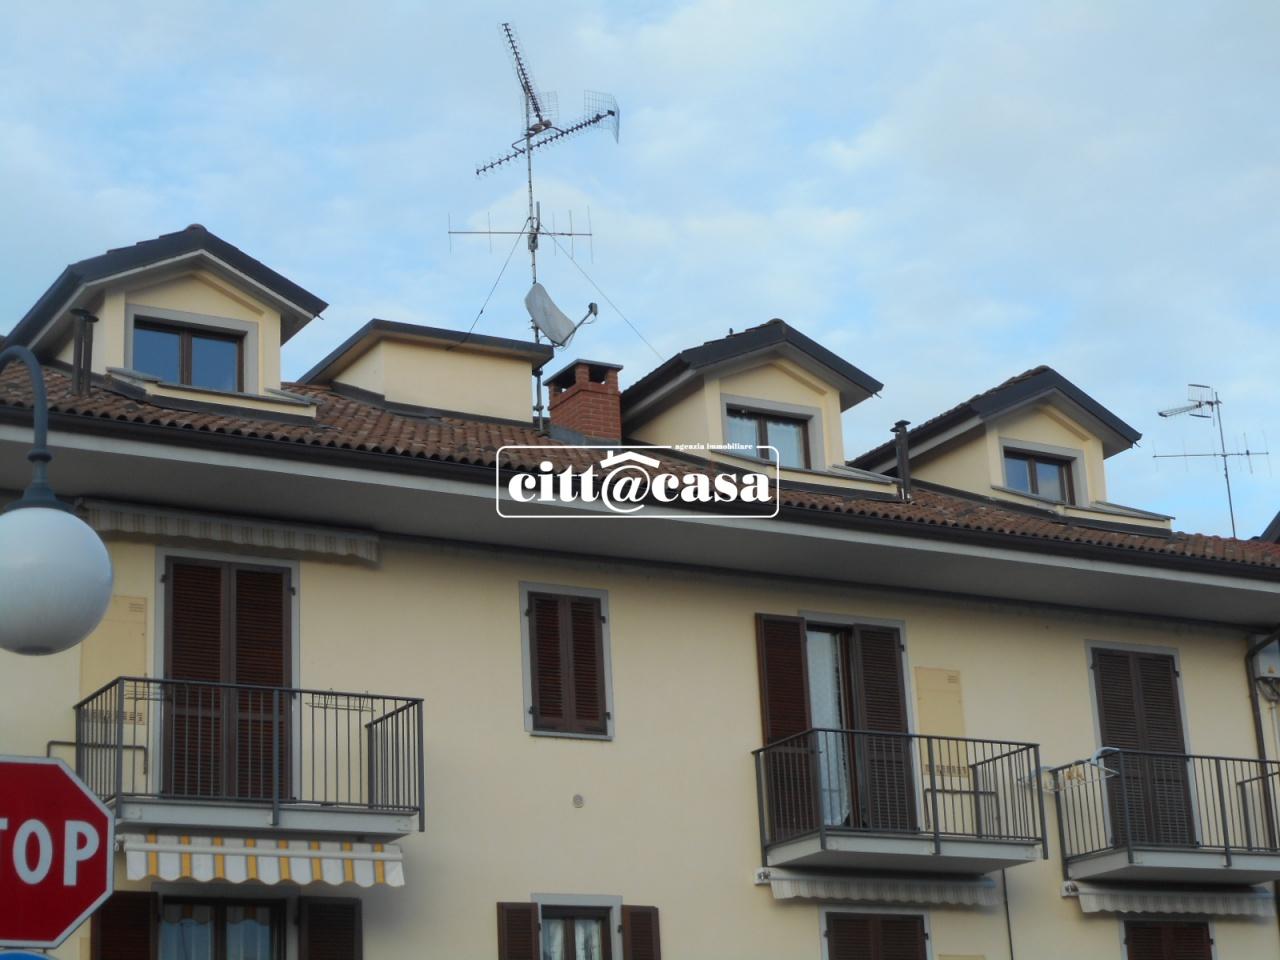 Attico / Mansarda in ottime condizioni arredato in vendita Rif. 4767466